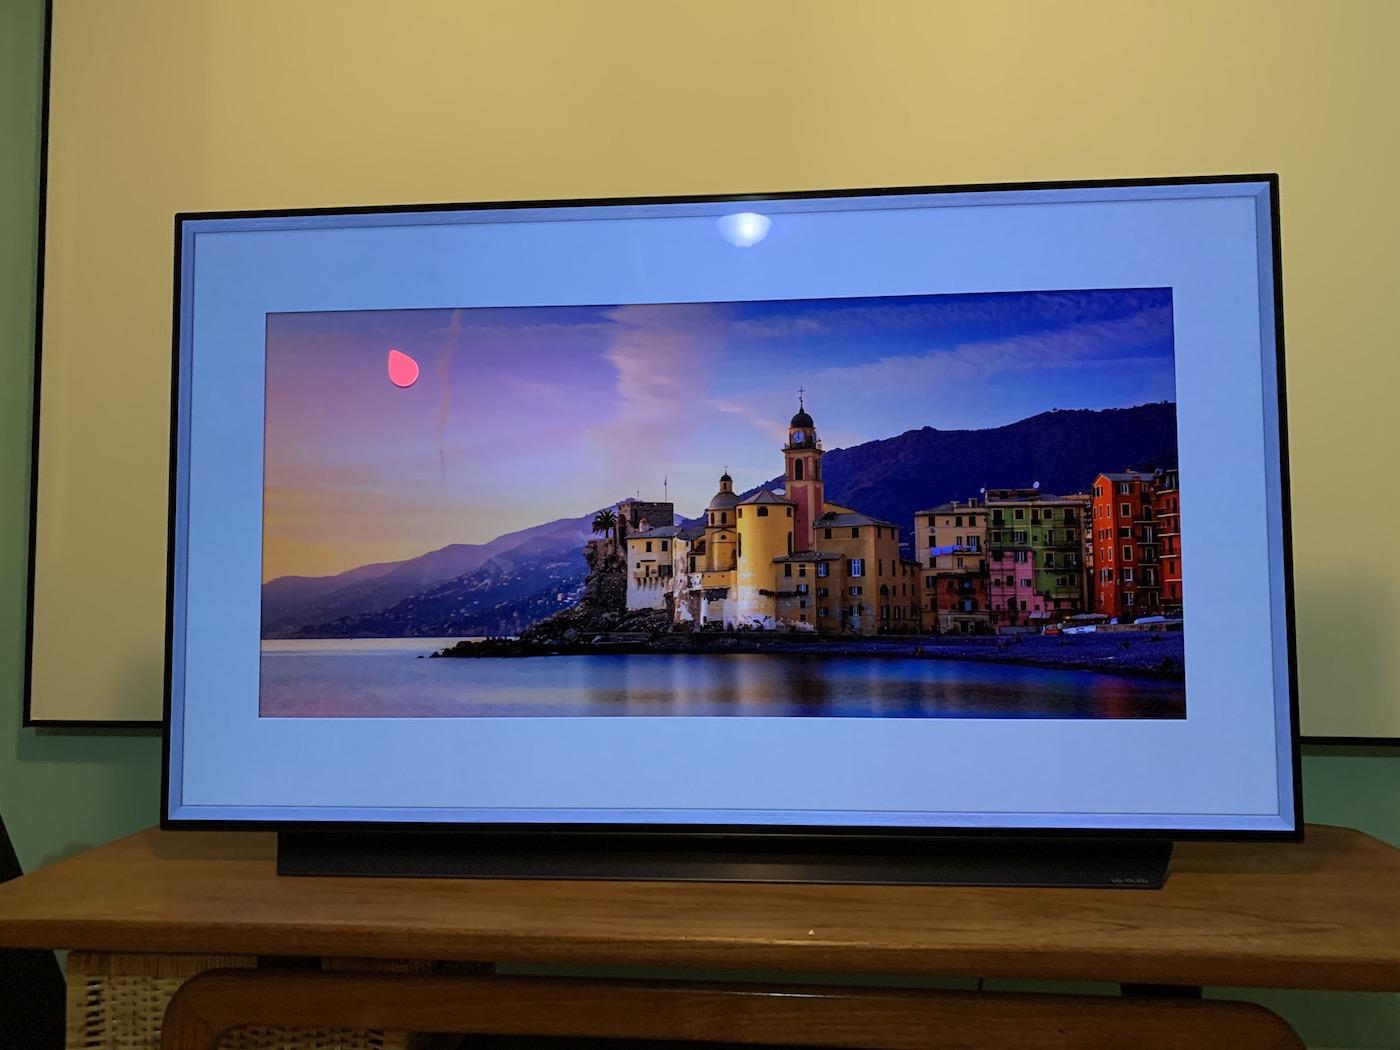 LG C9 OLED 4K TV Gallery Mode Artwork